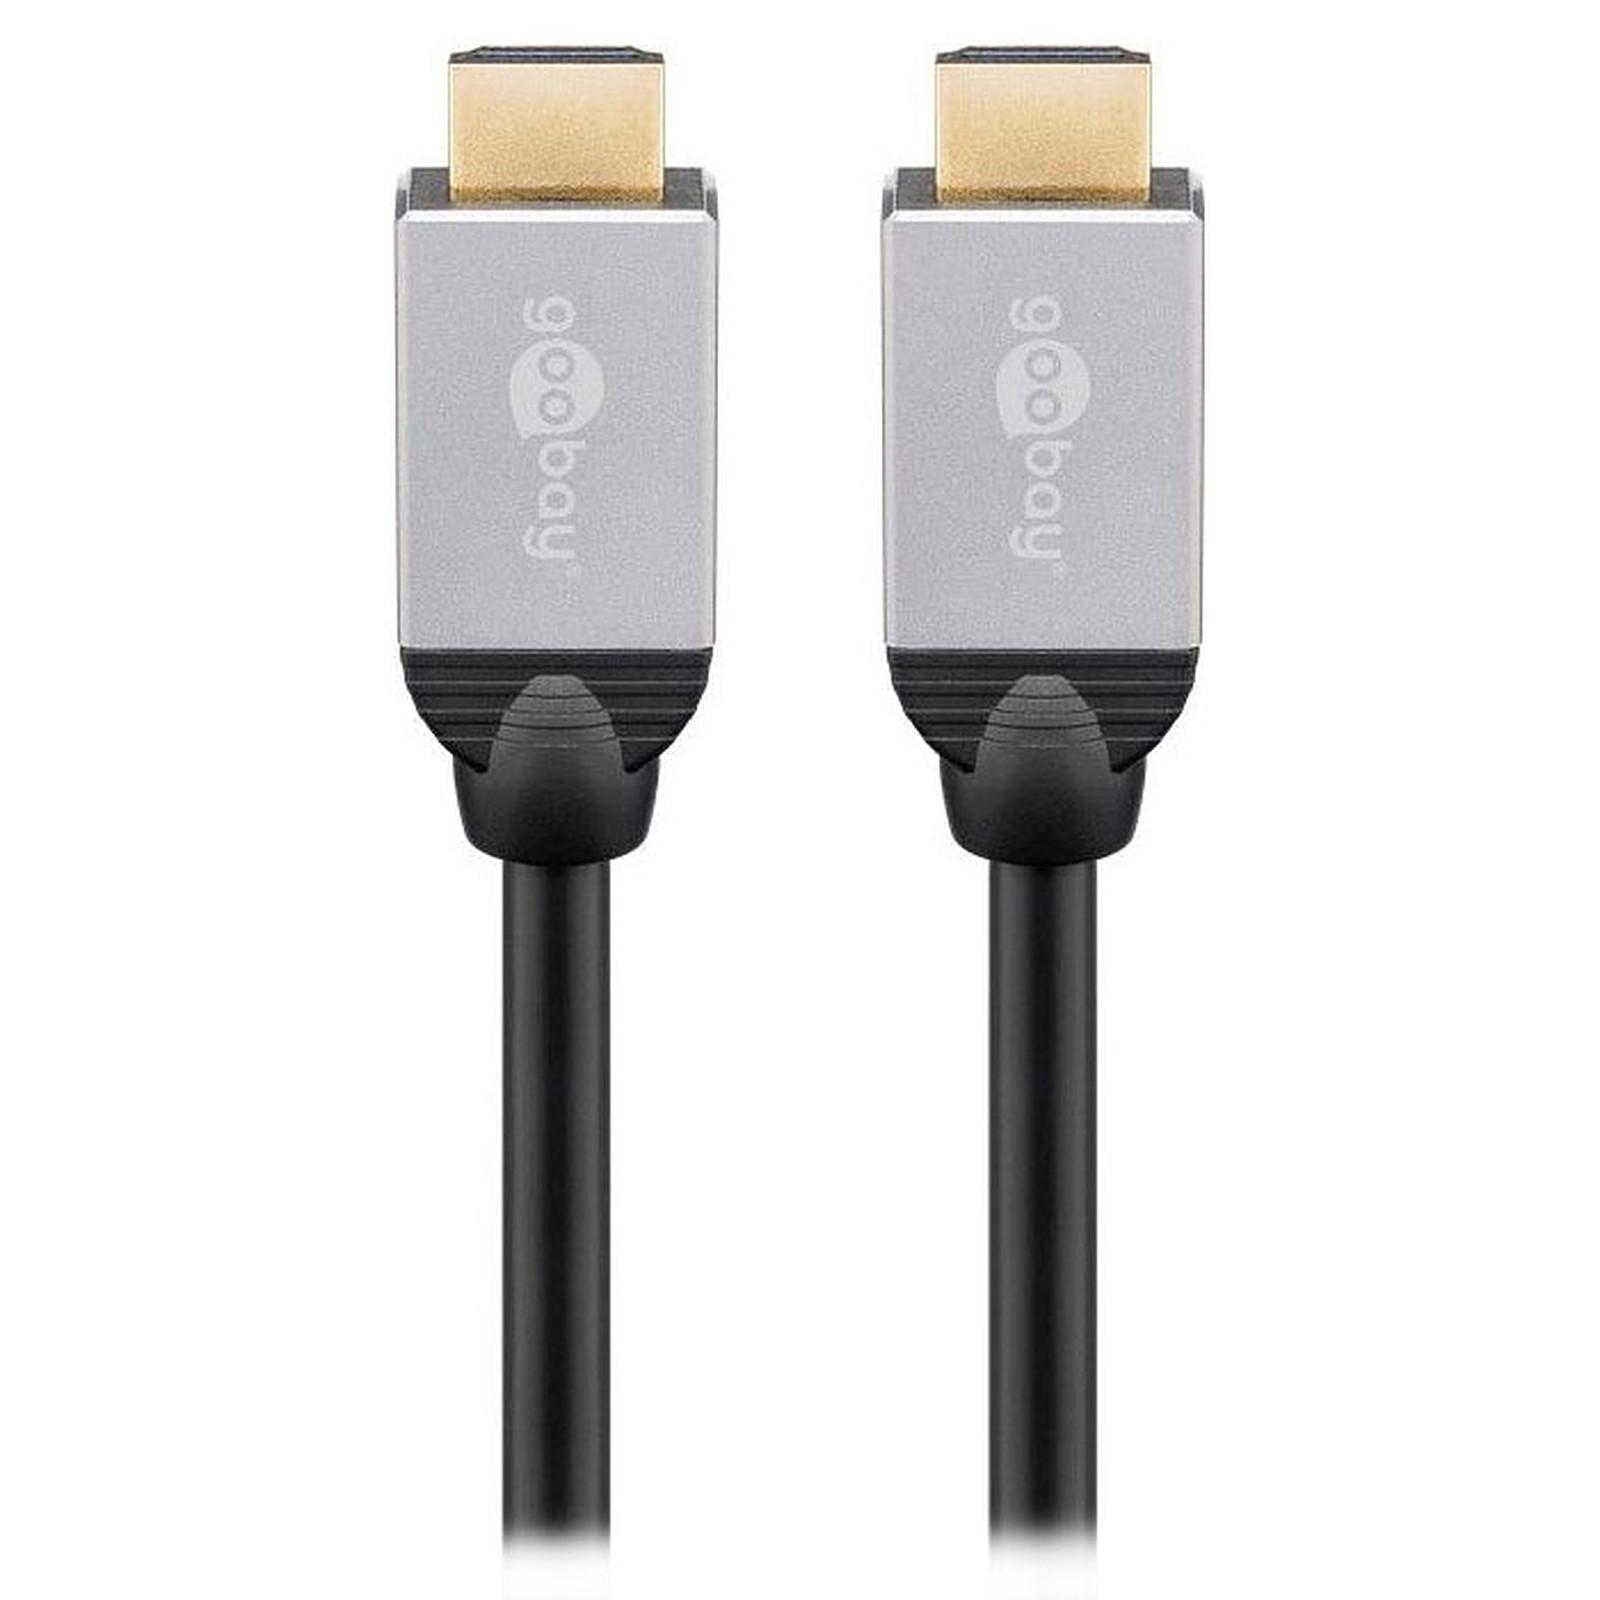 Goobay Plus Câble HDMI 2.0 4K (2 m)